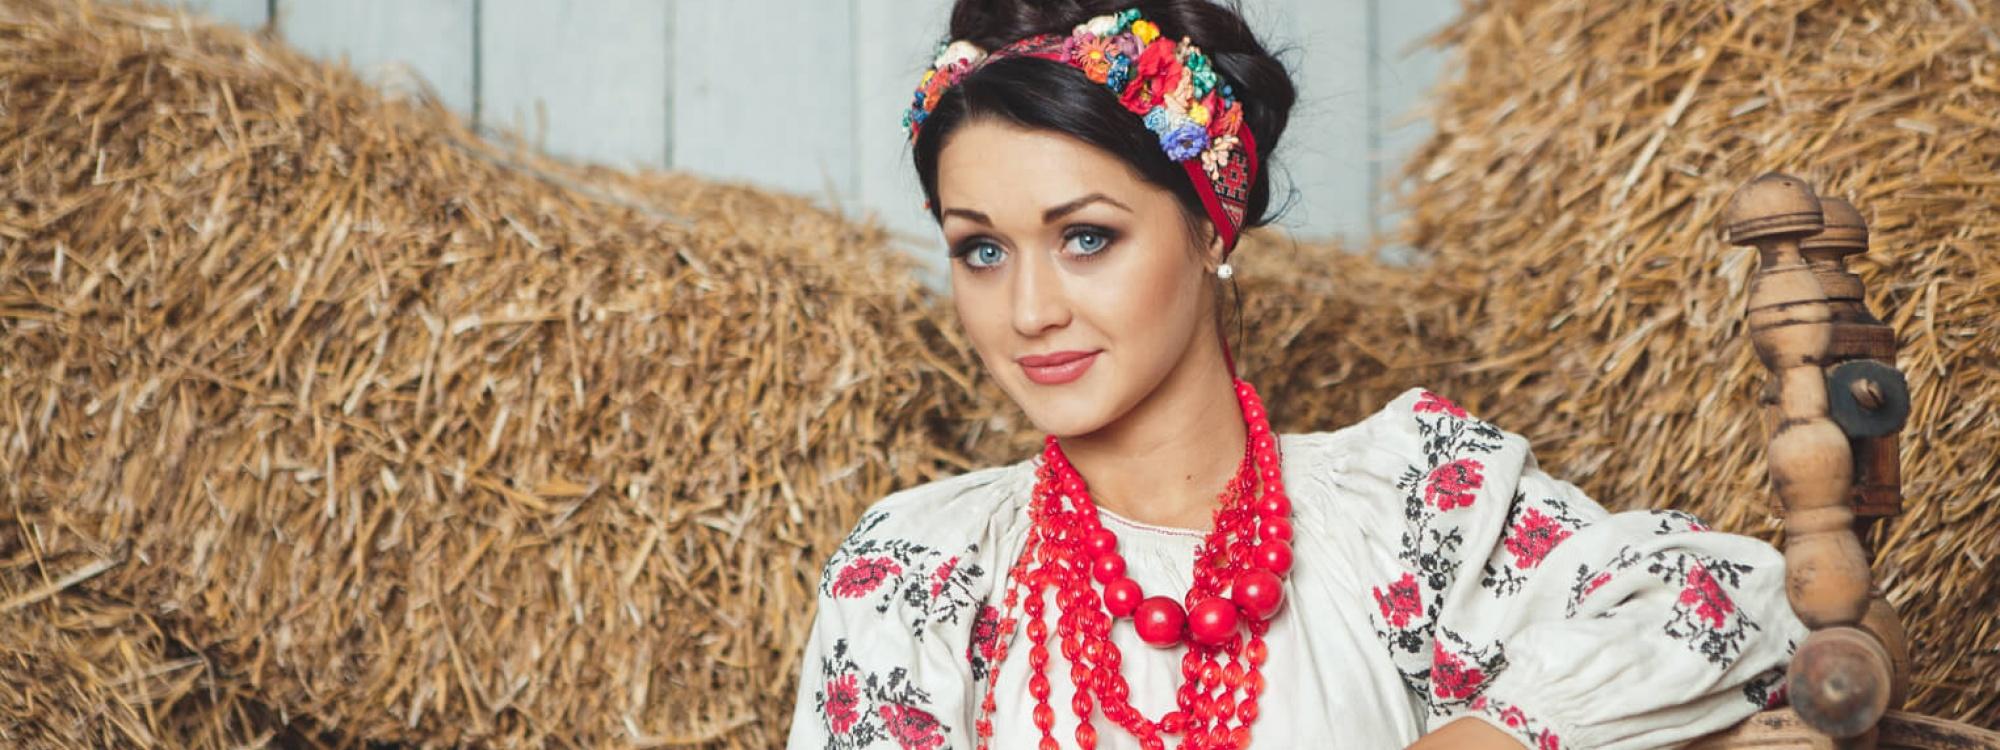 Портрет жінки в Українському етнічному костюмі (Мар'яна Сілагіна), від майстра поетичного портрету Богдана Бурака